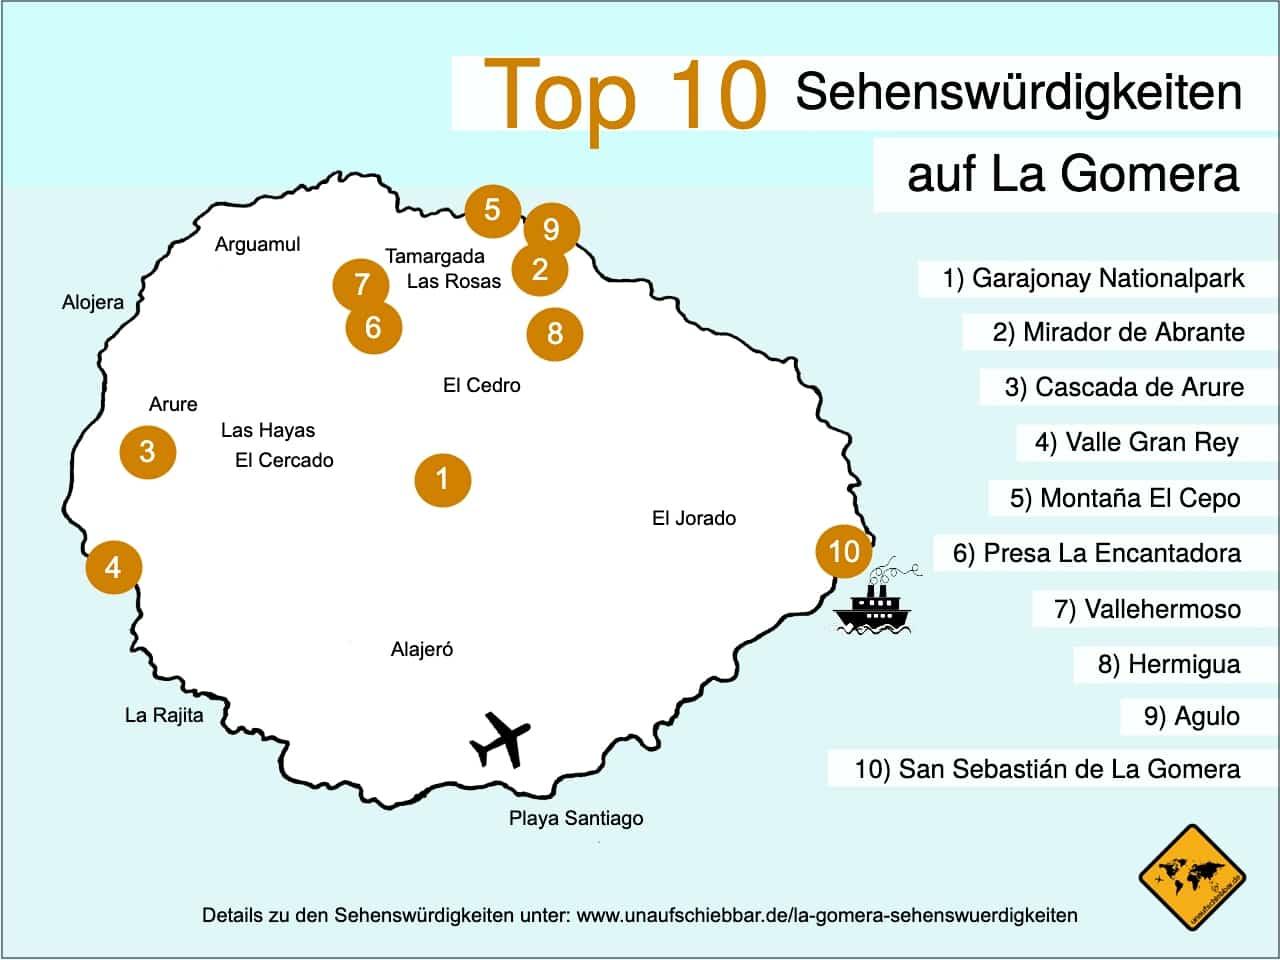 Karte La Gomera Sehenswürdigkeiten Top 10